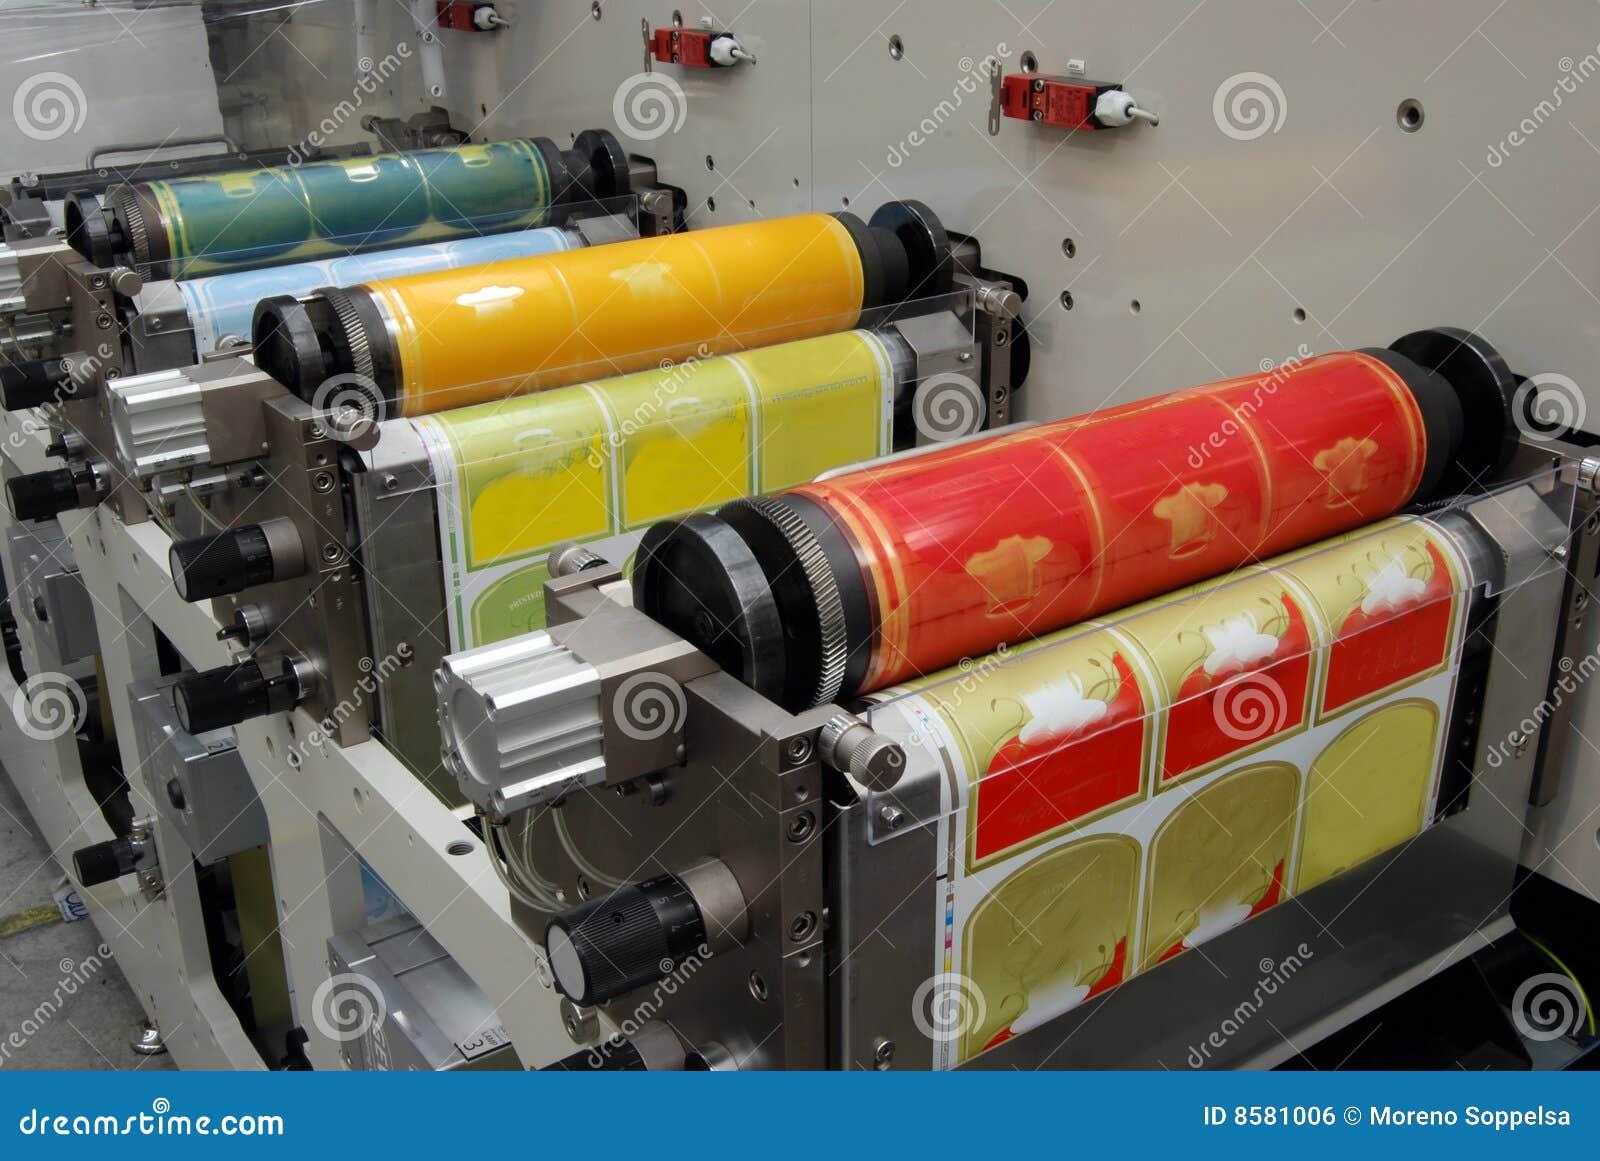 εκτύπωση Τύπου flexo UV